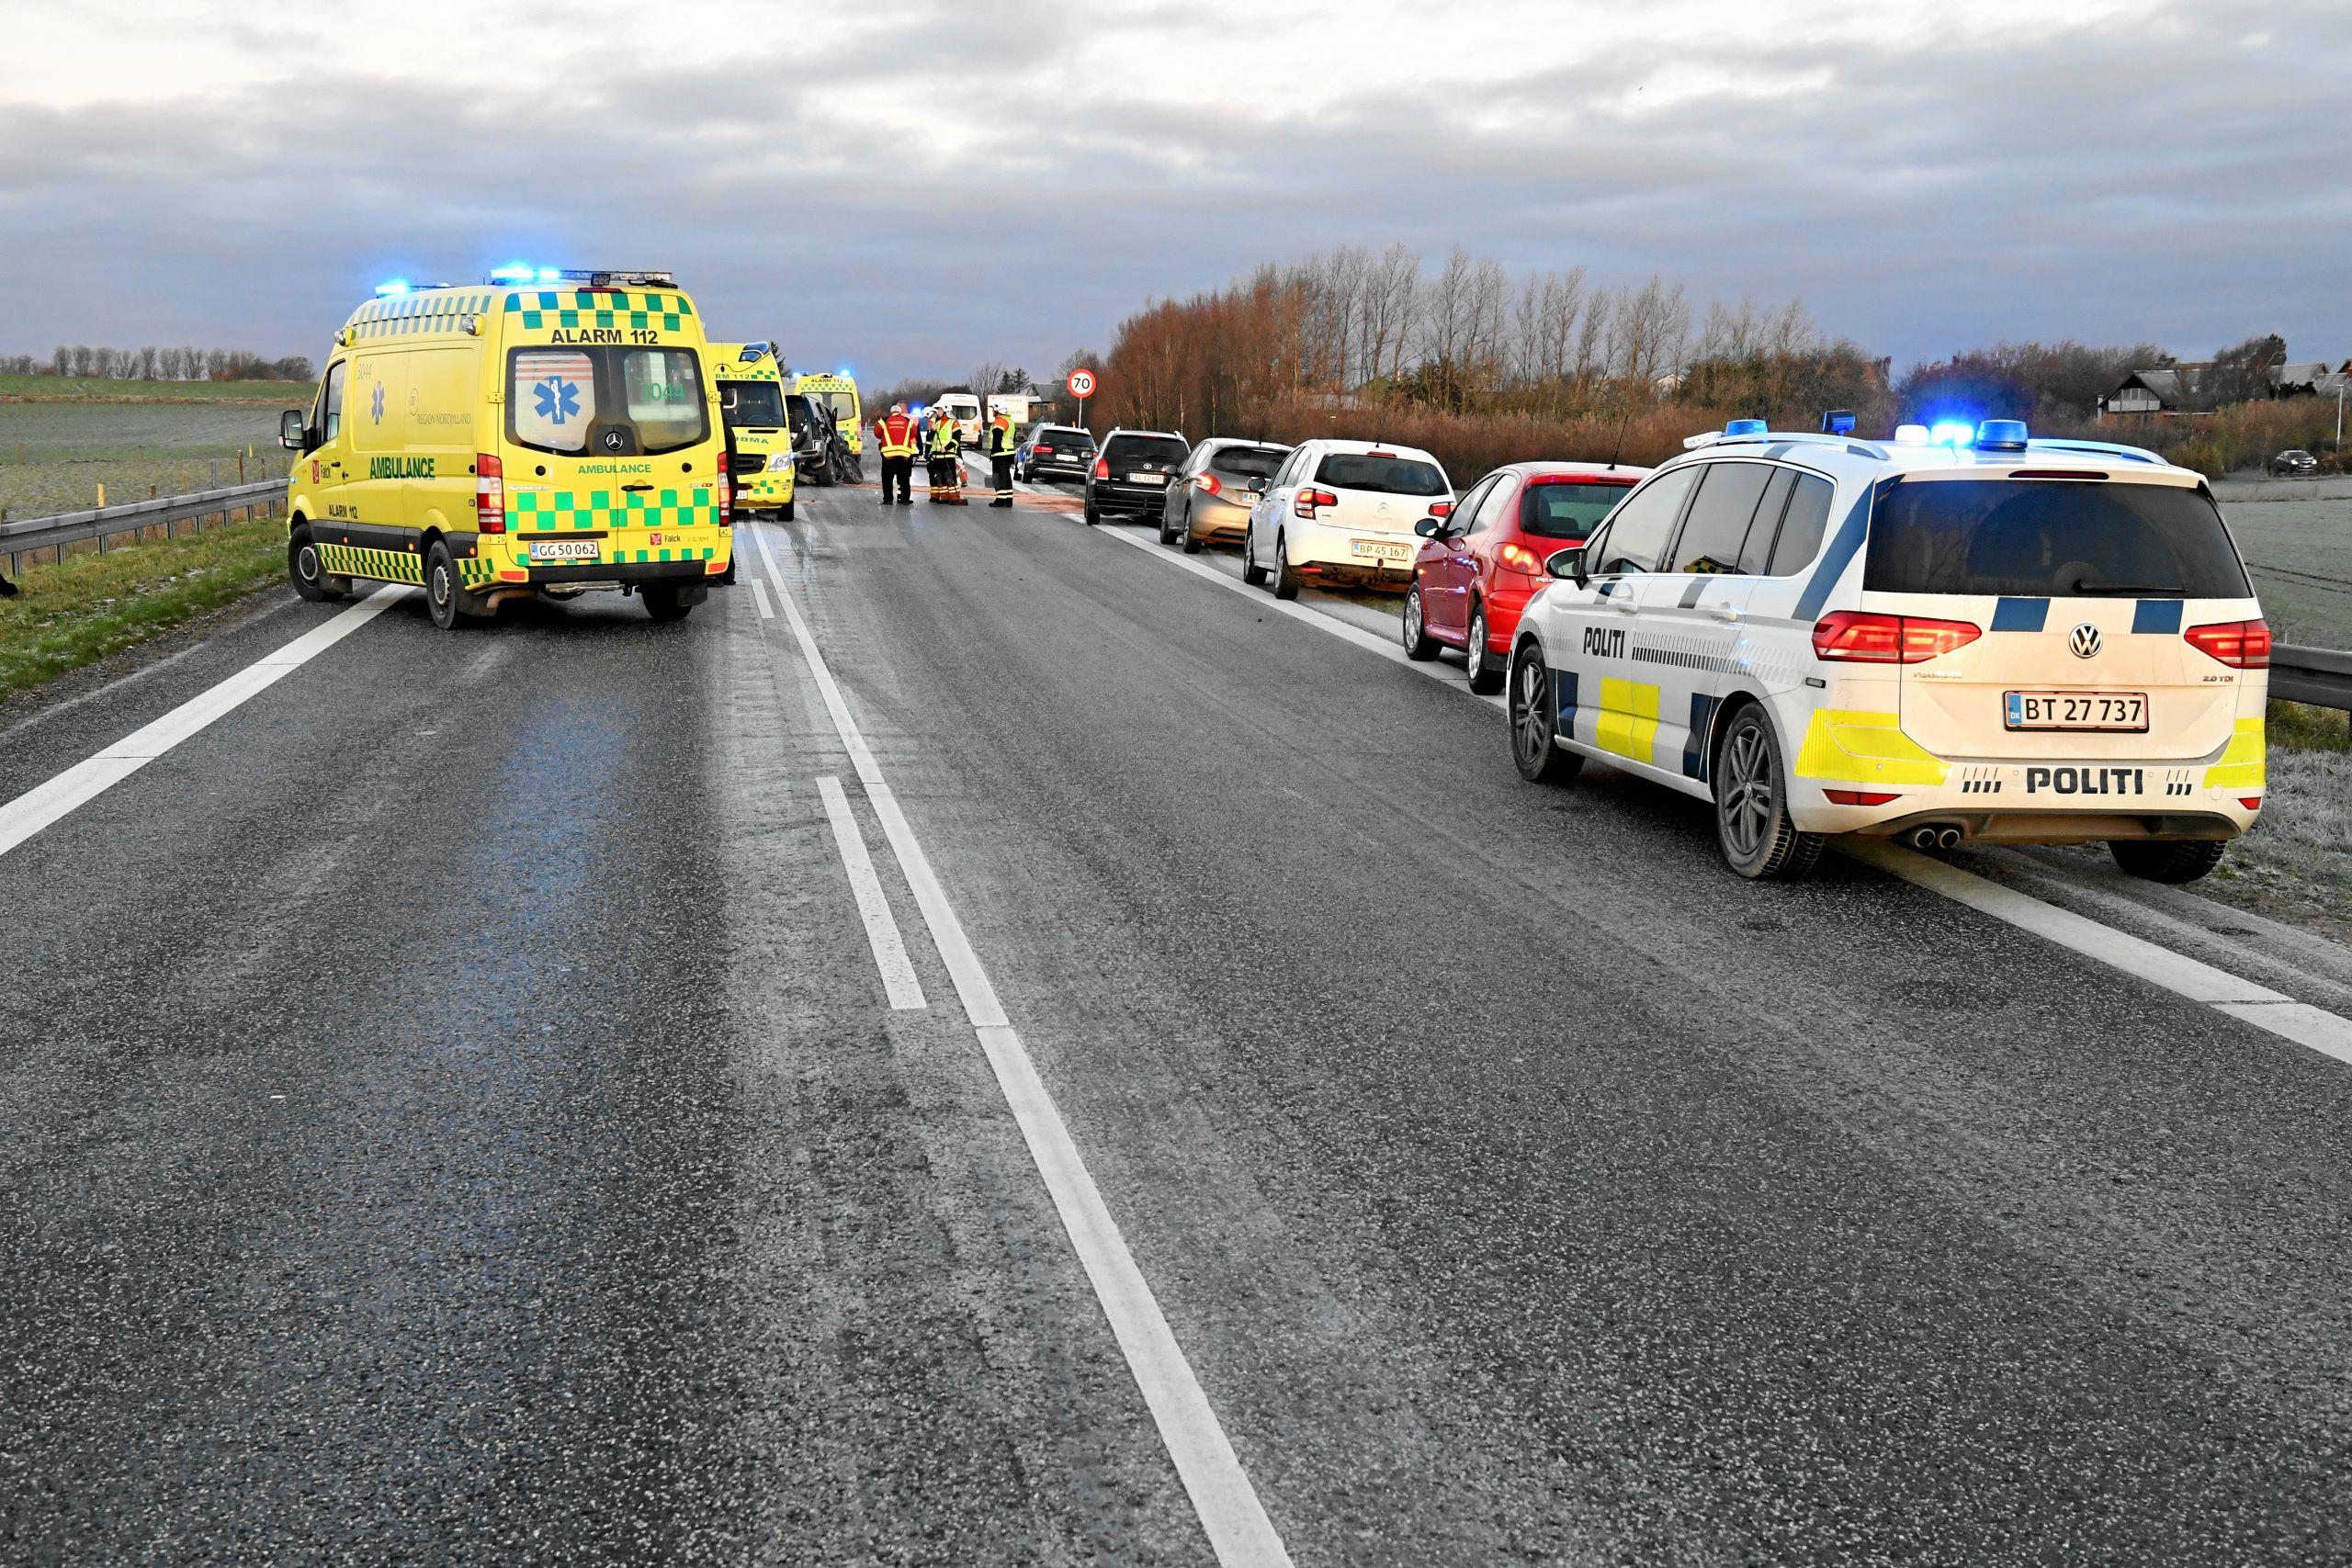 ulykke i nordjylland